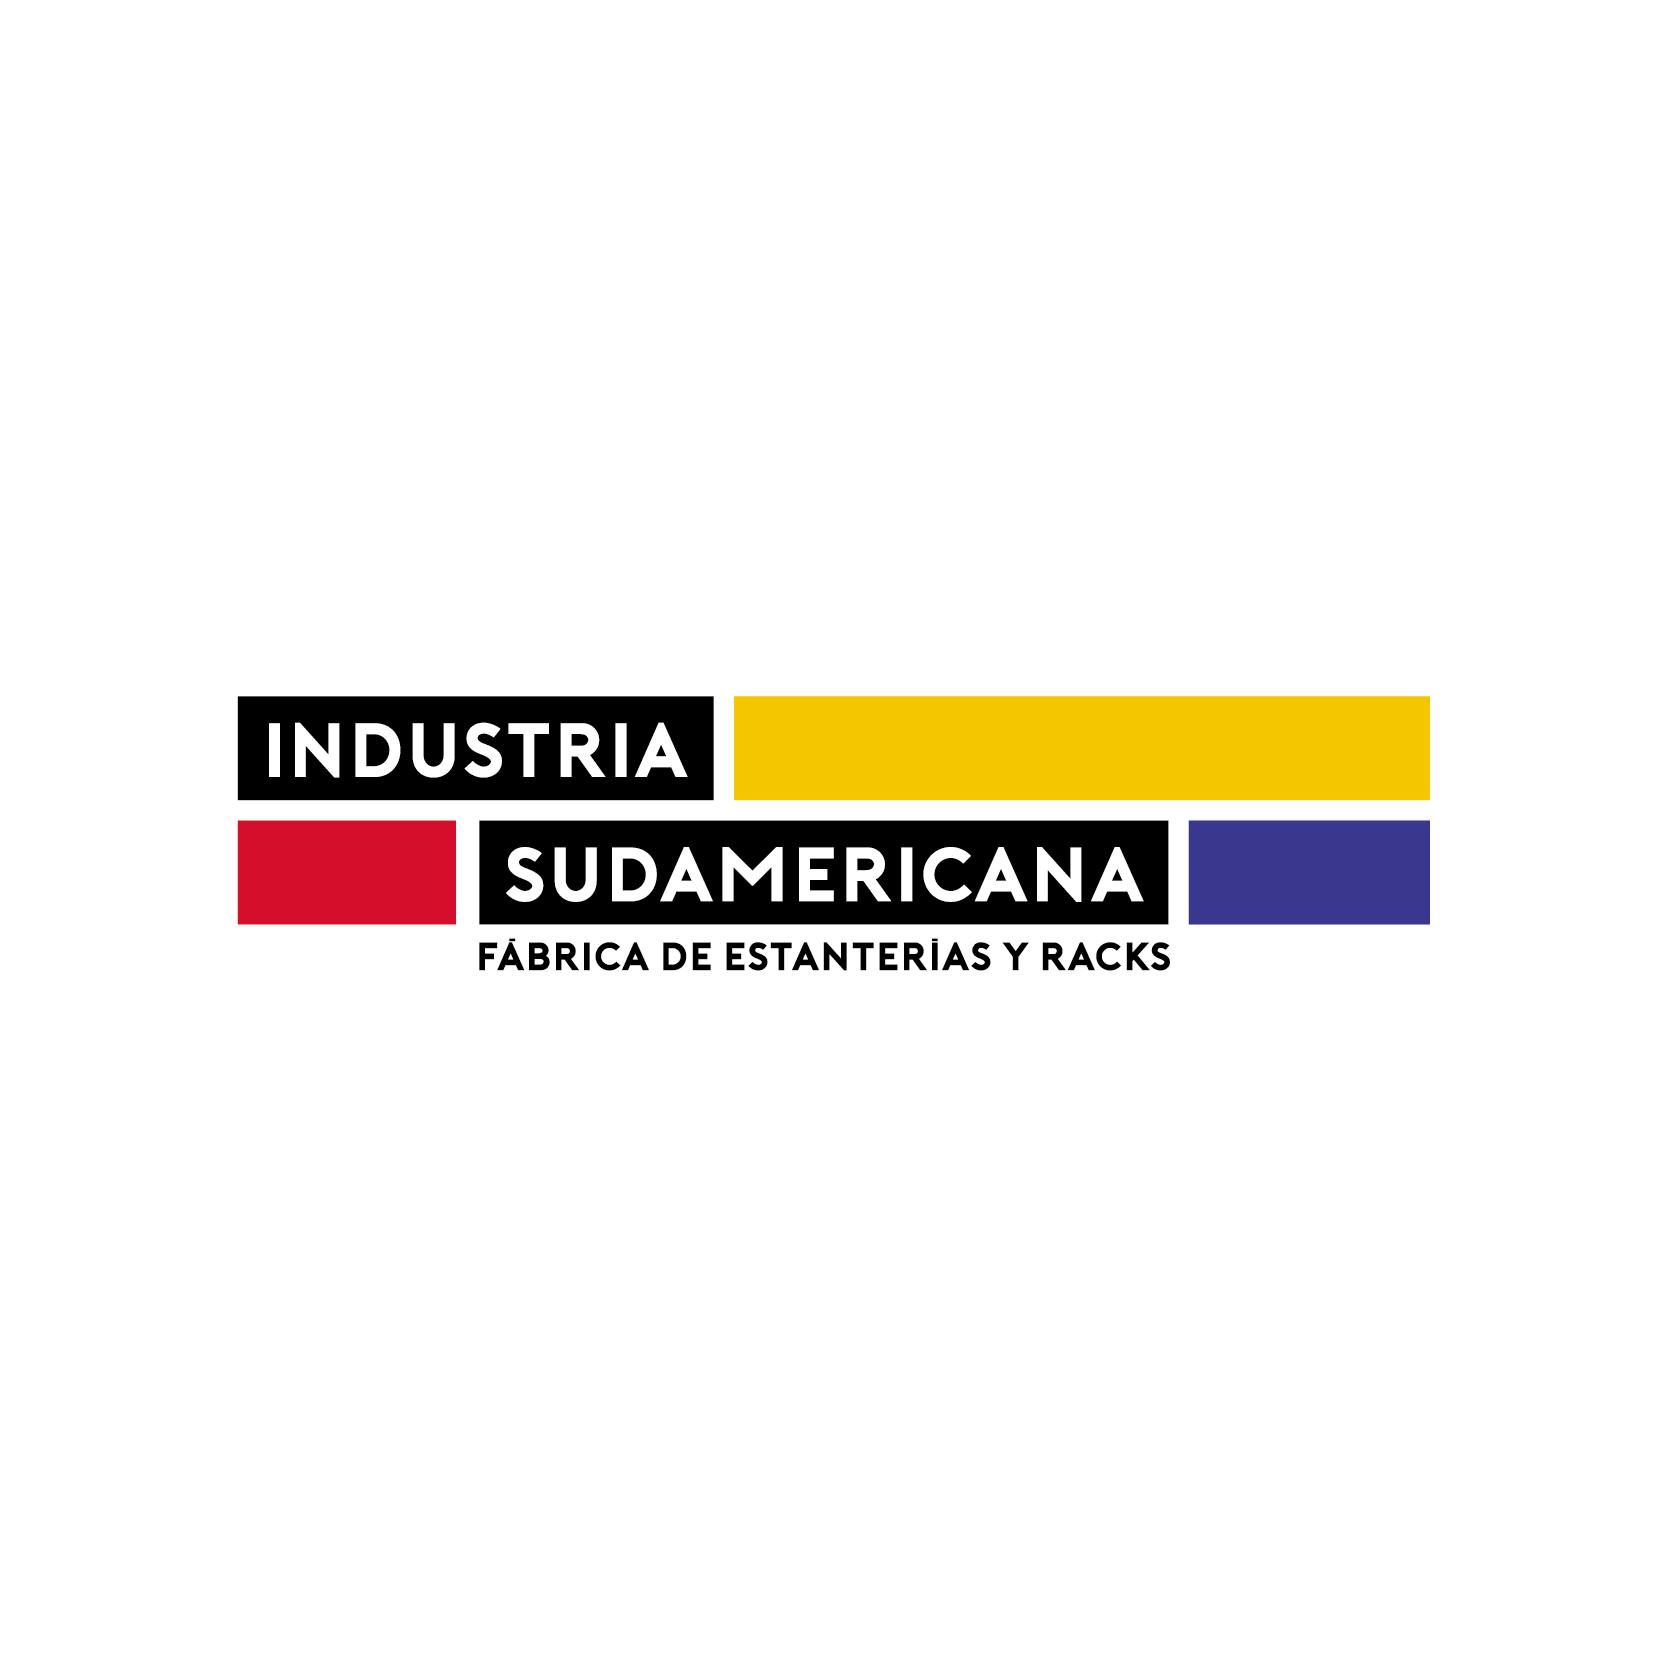 Rediseño de Isologotipo para Industria Sudamericana